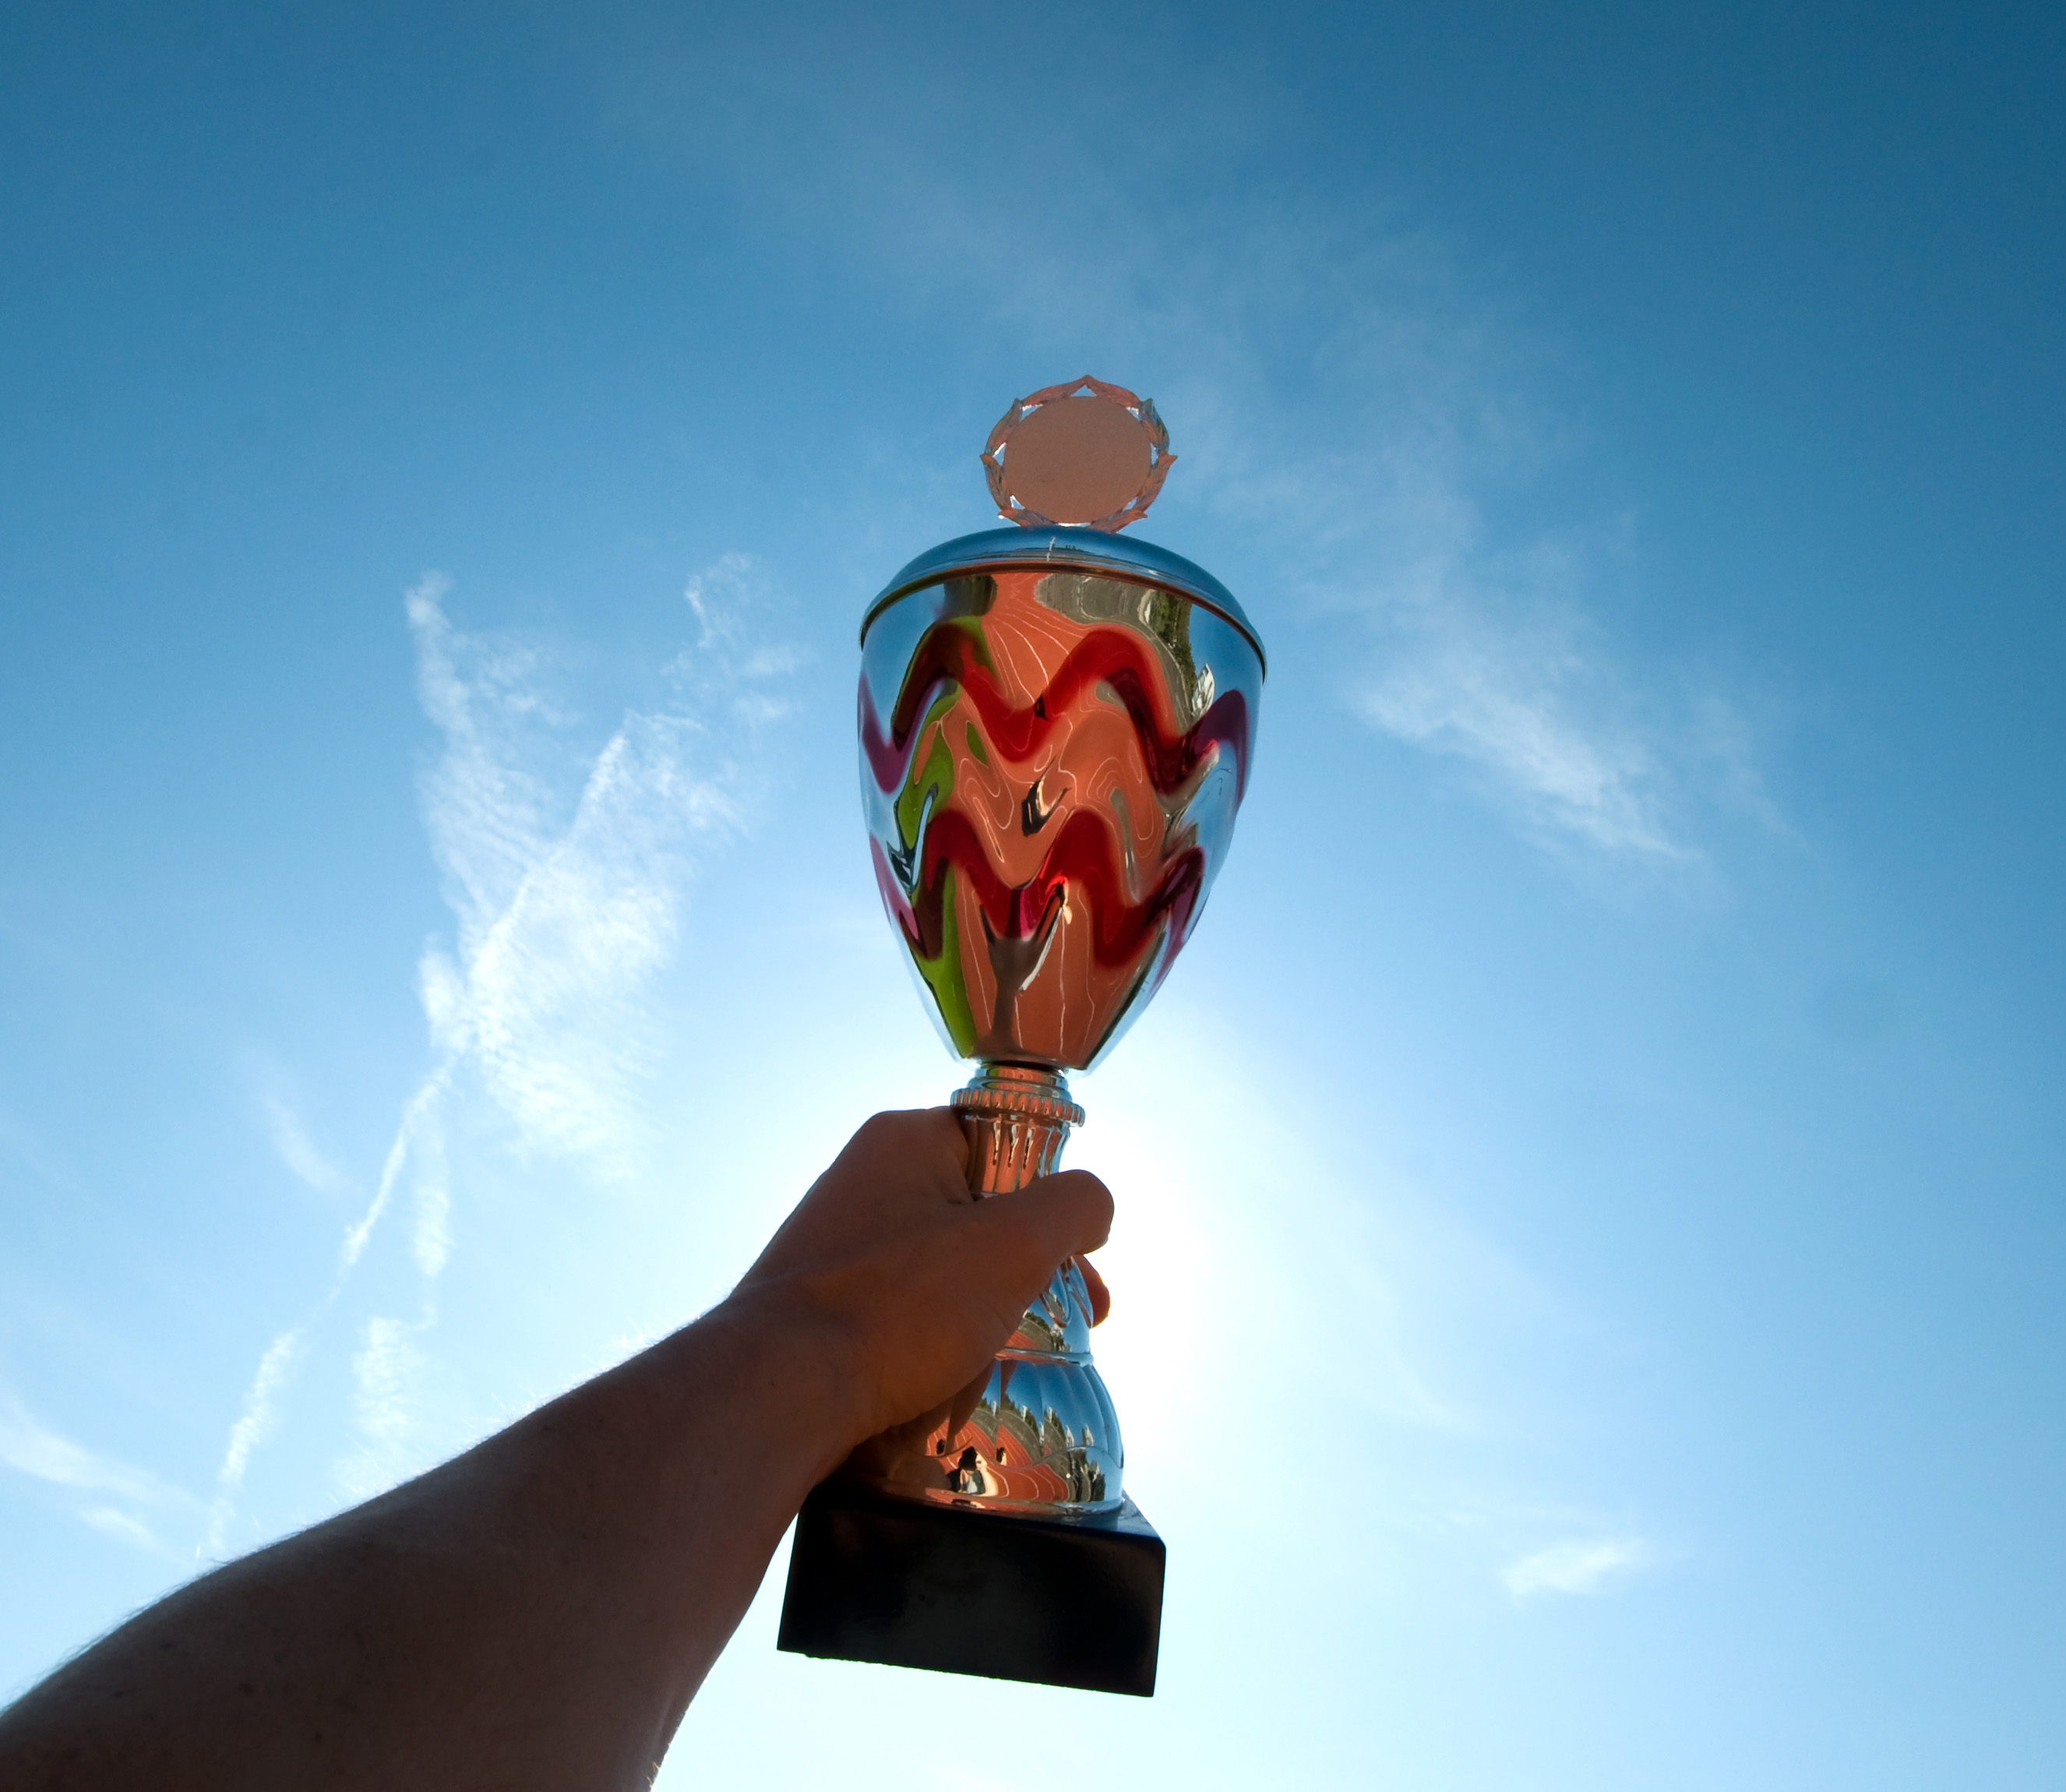 Ein Pokal vor blauem Himmel